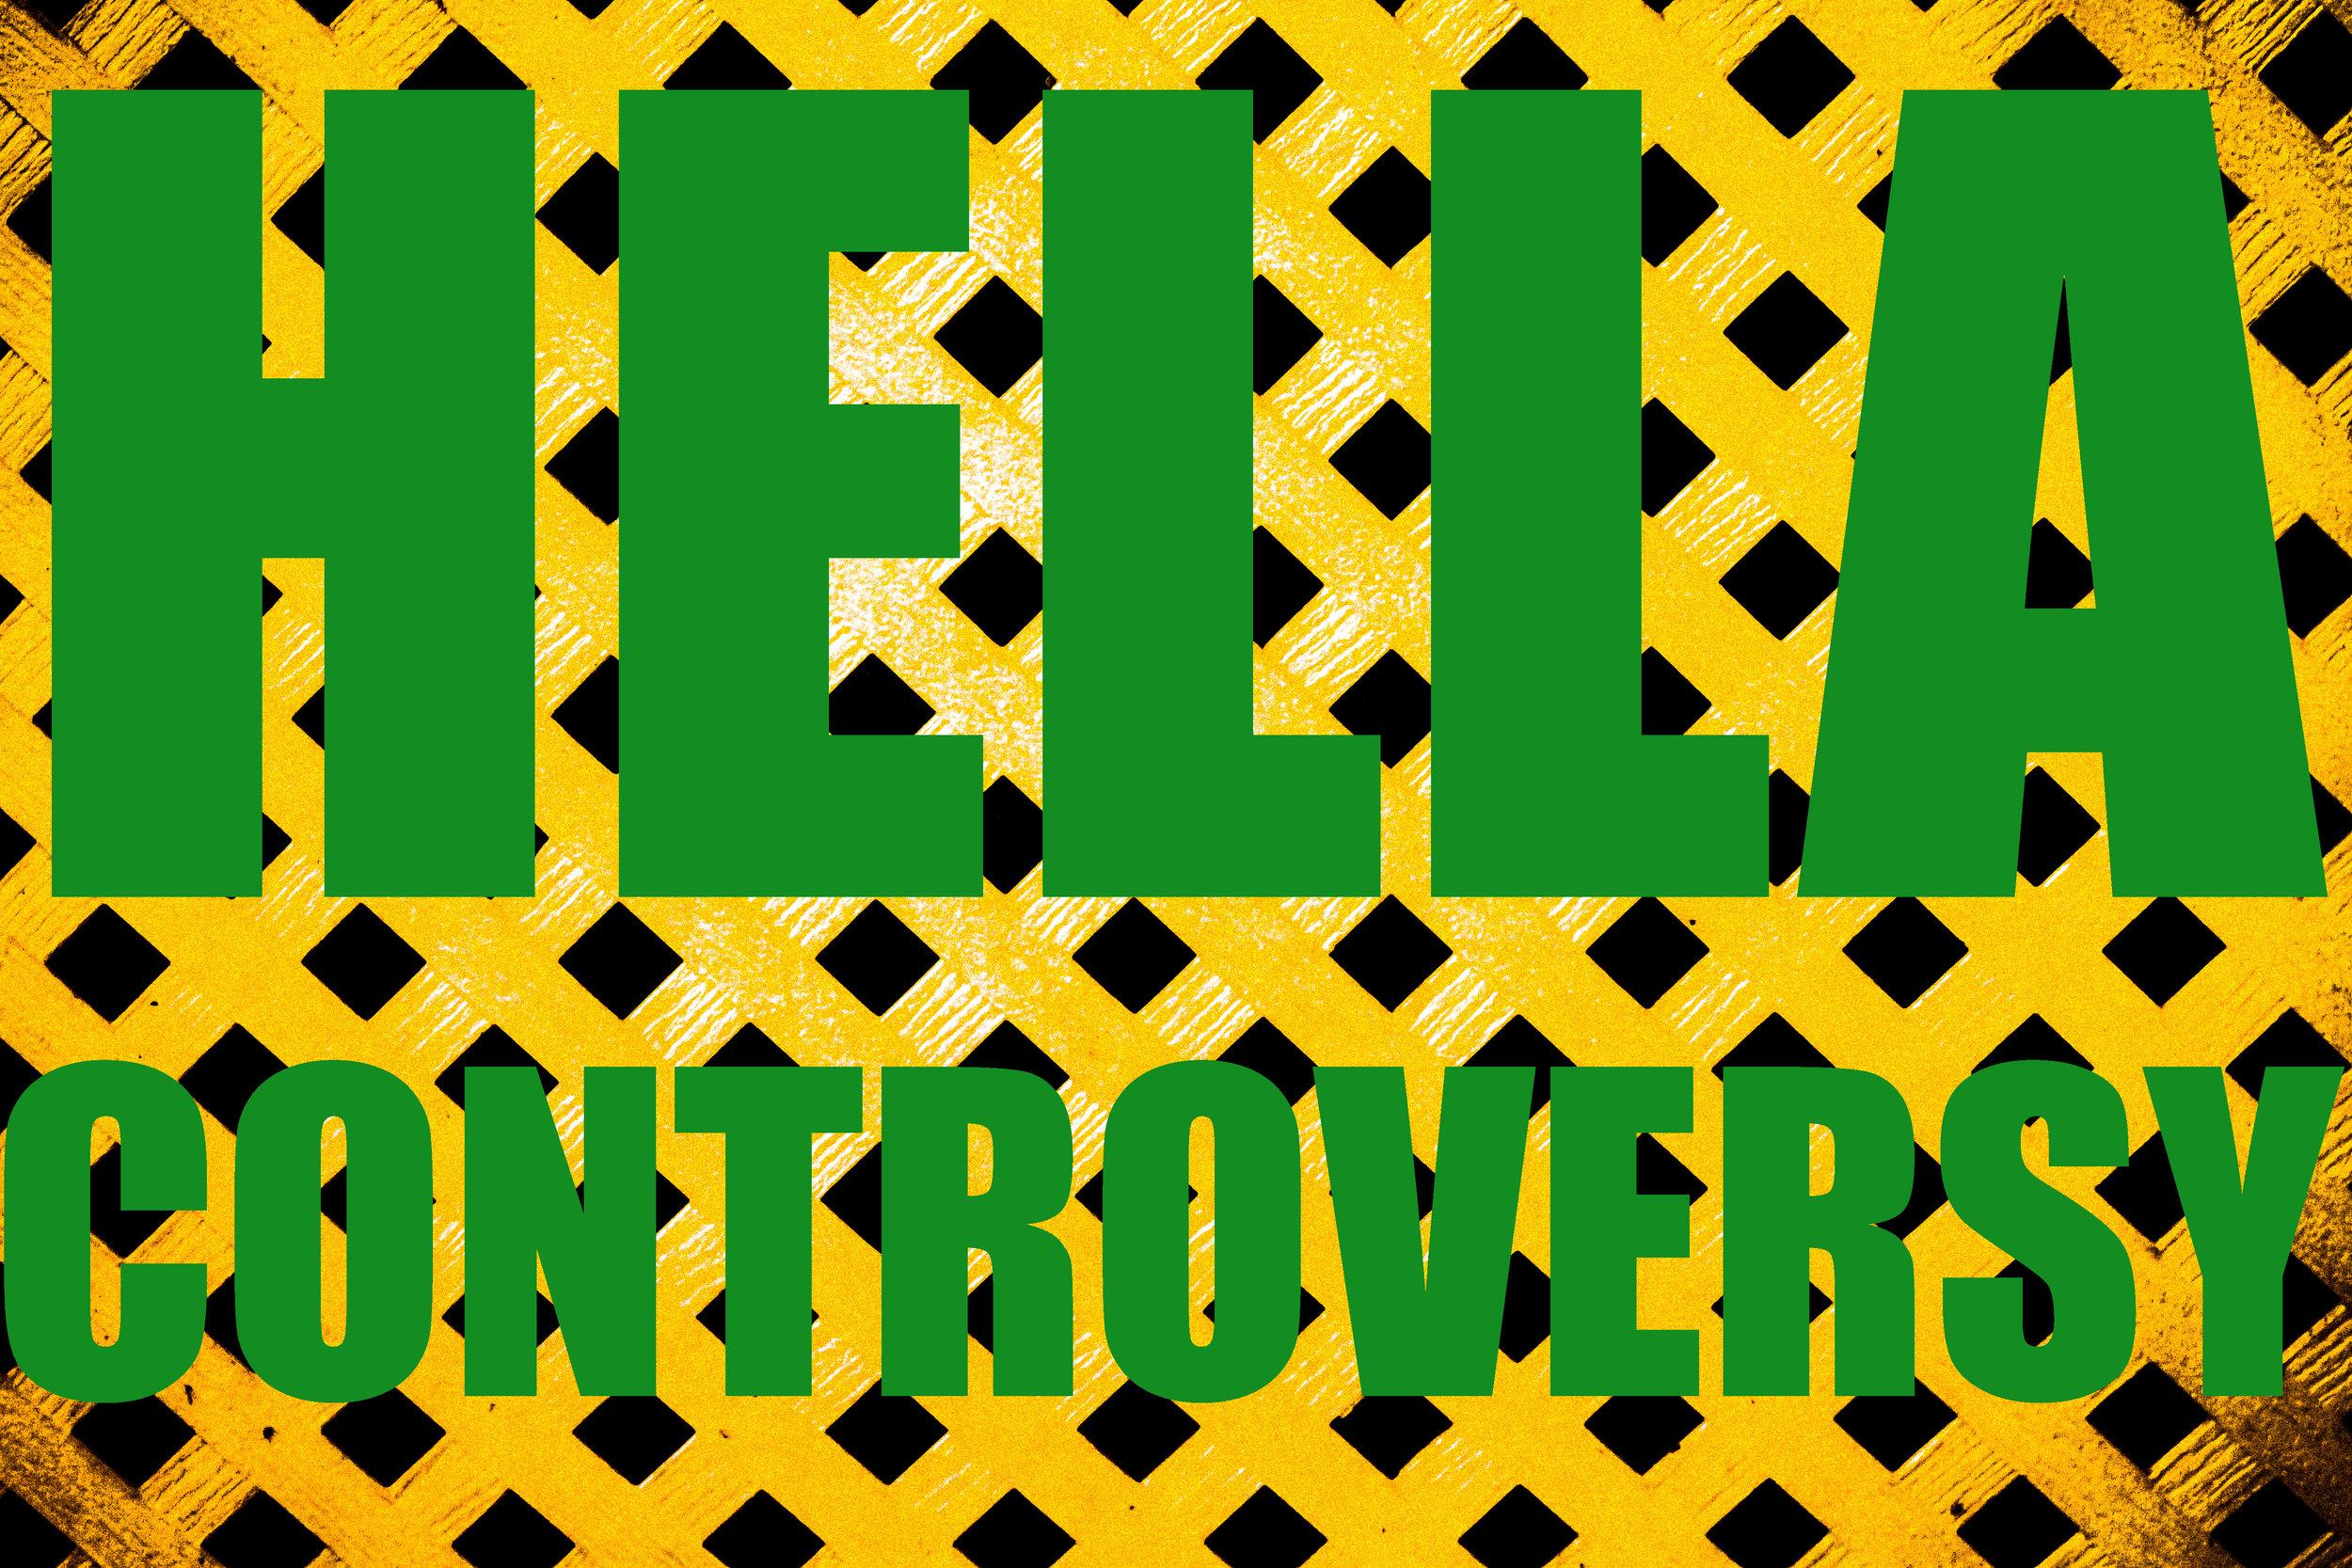 HellaControversyLogo.jpg